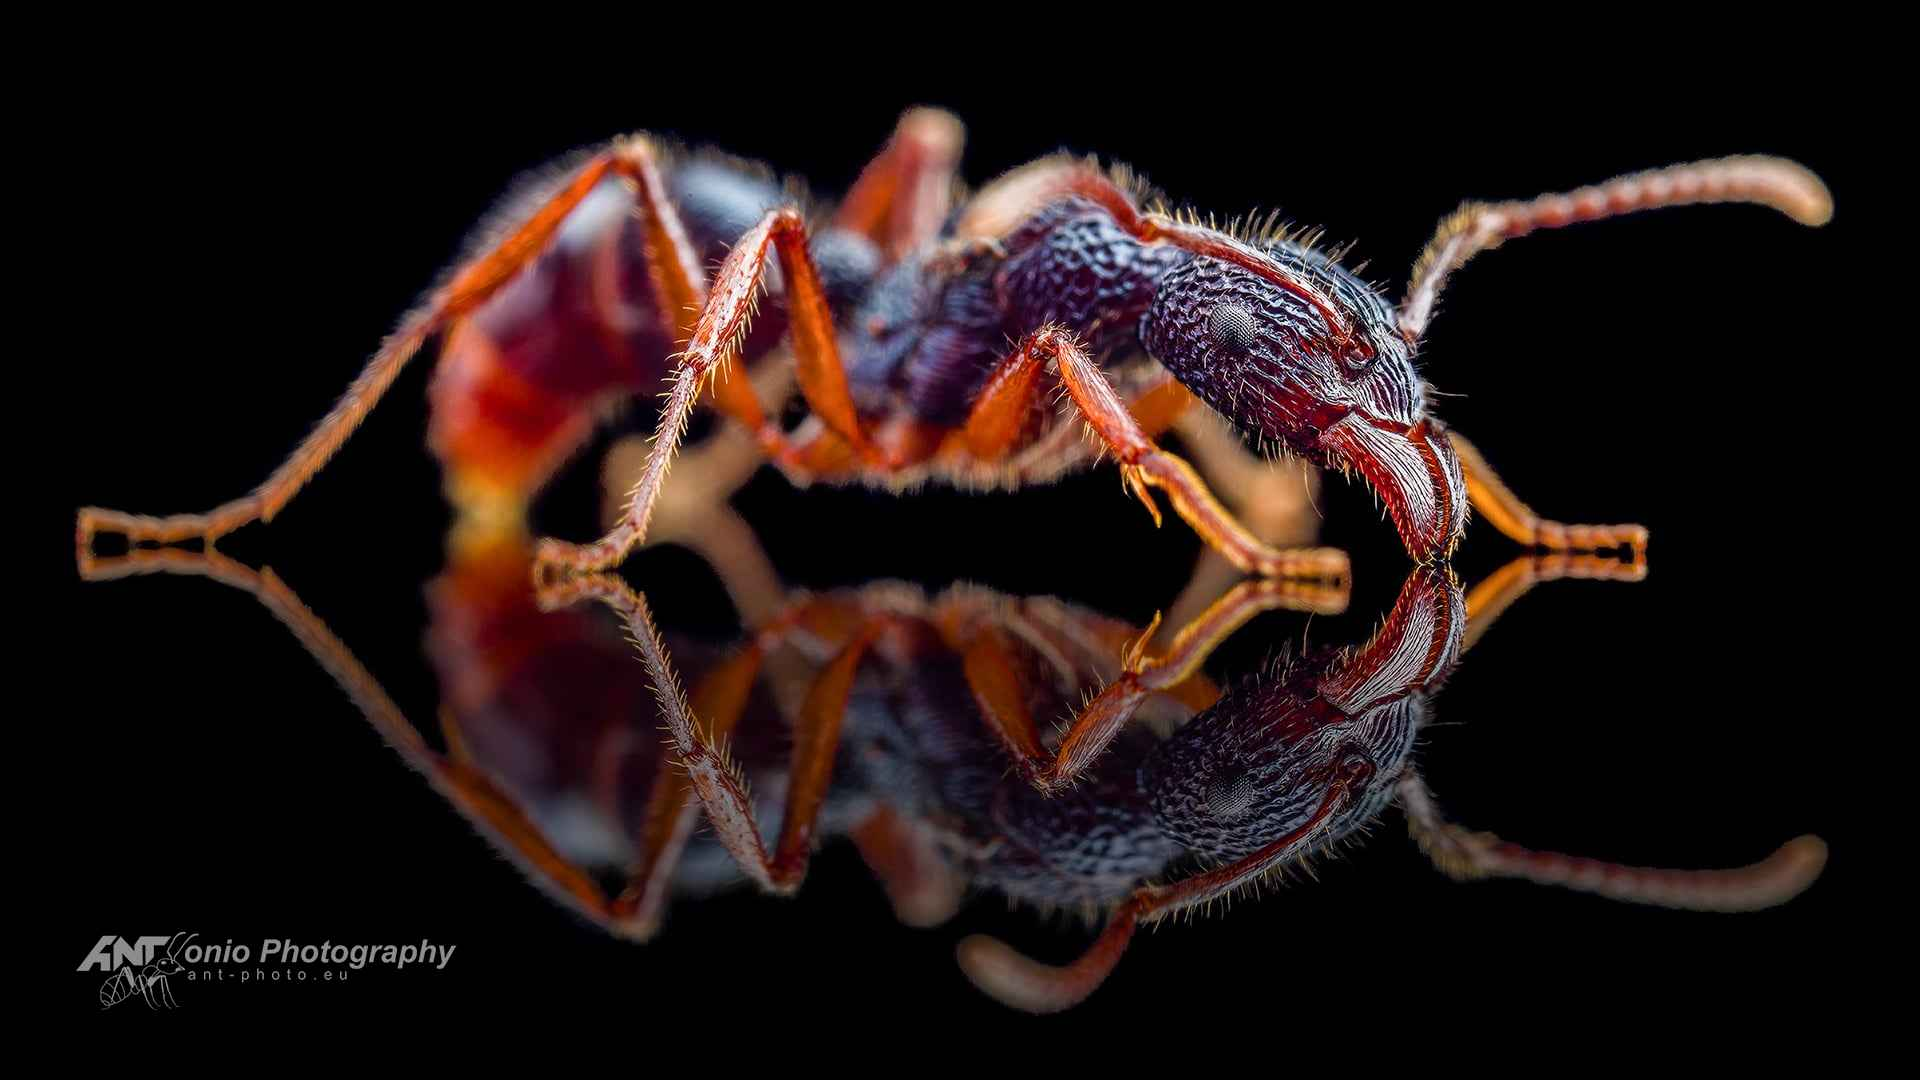 Rhytidoponera chalybaea queen